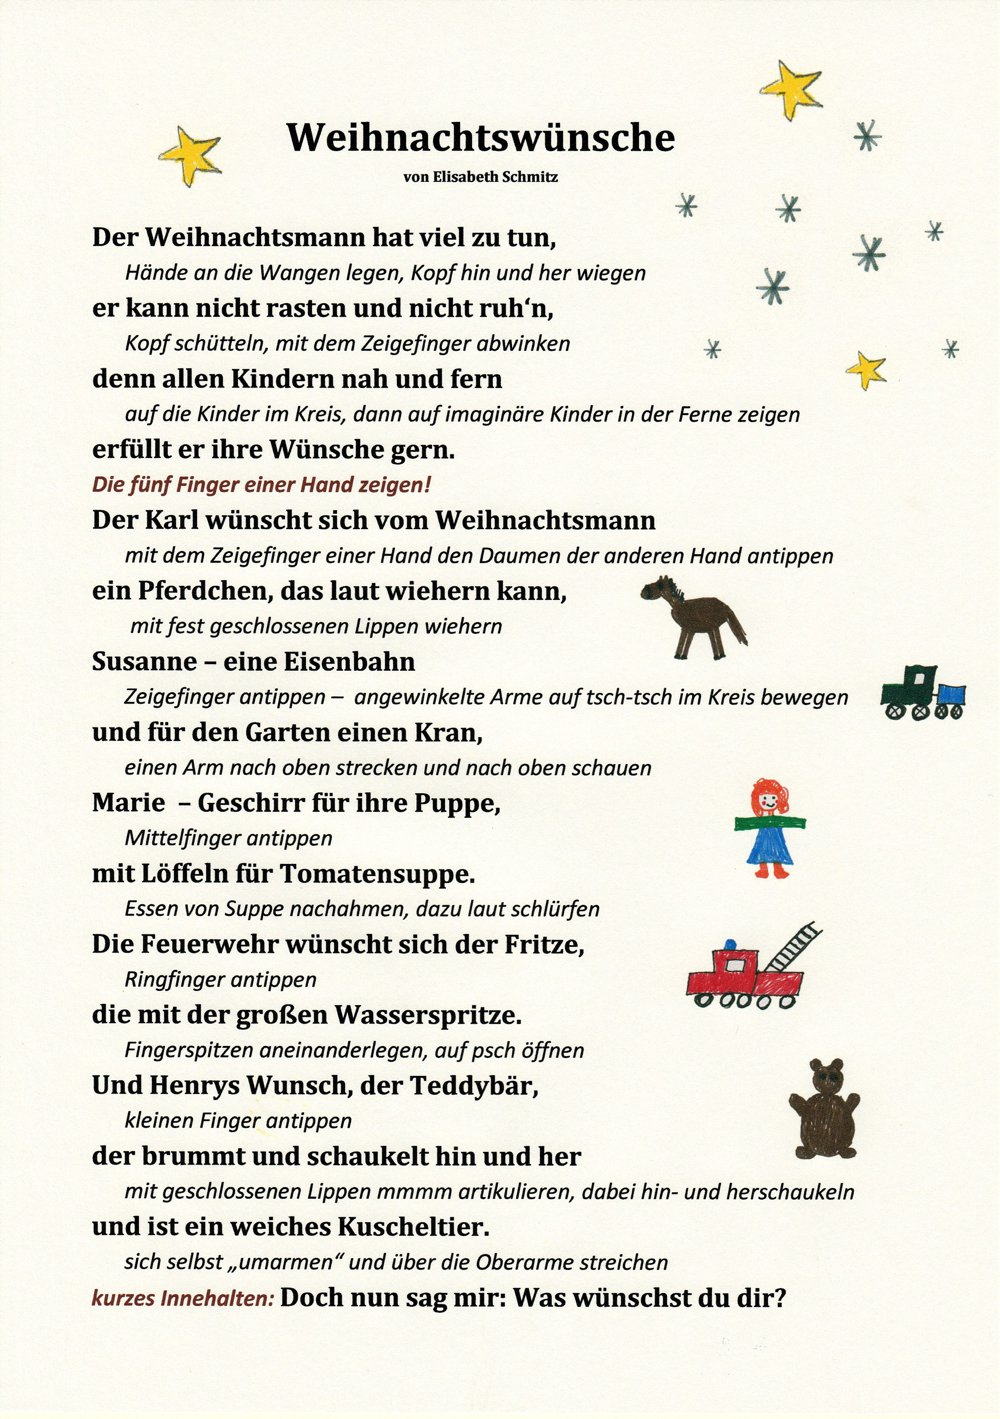 Ein Weihnachtsgedicht Mit Bewegungen - Kitakram.de innen Weihnachtsgedichte Für Kinder